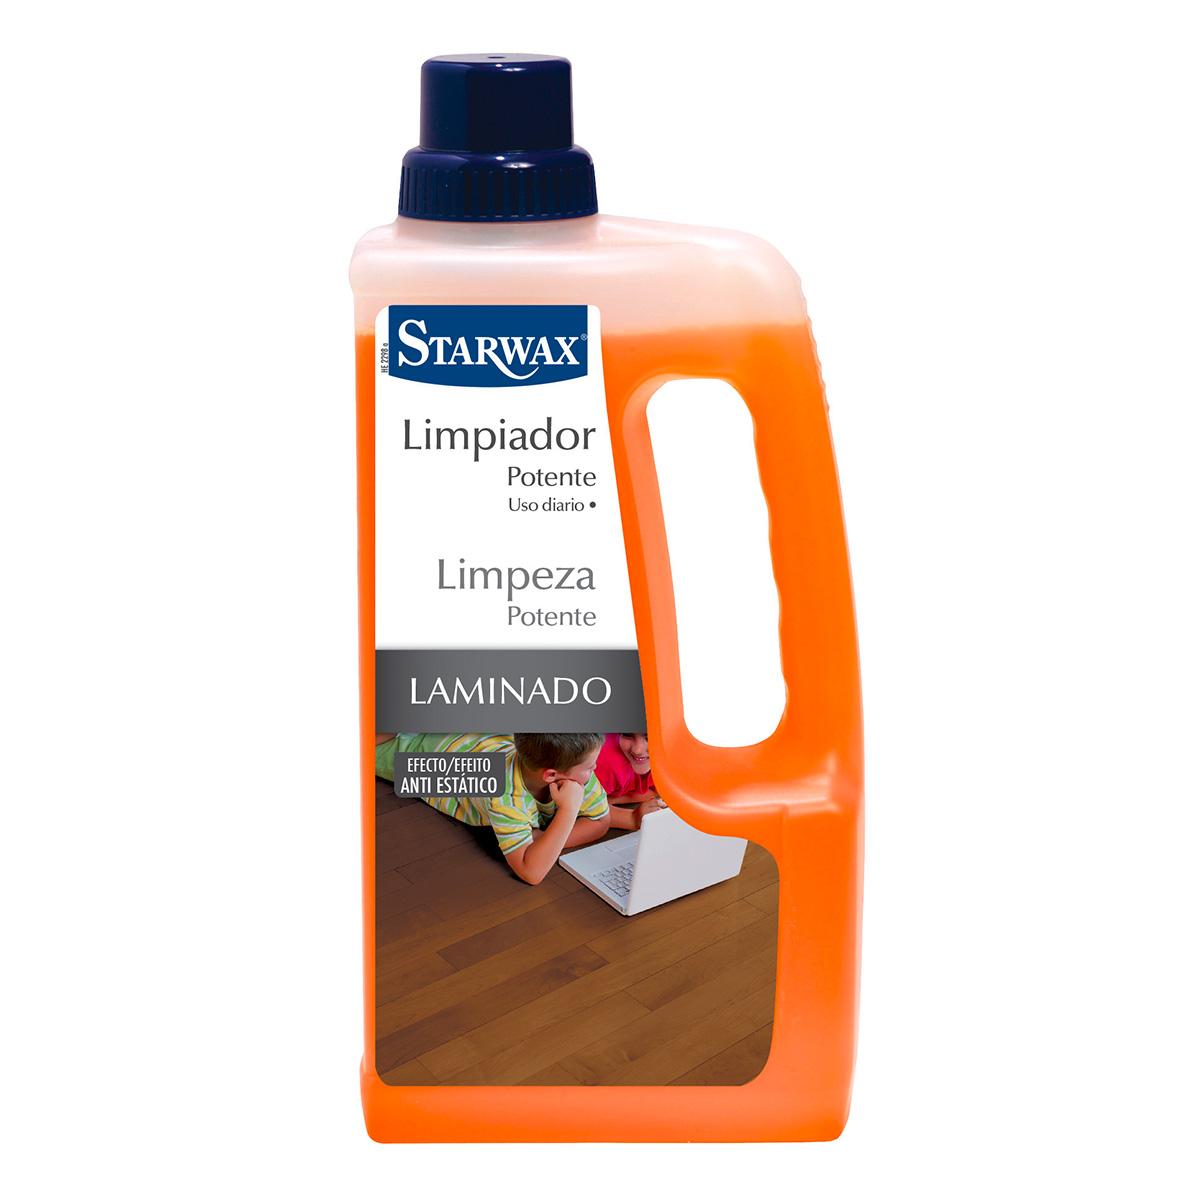 Limpiador potente laminado - Starwax